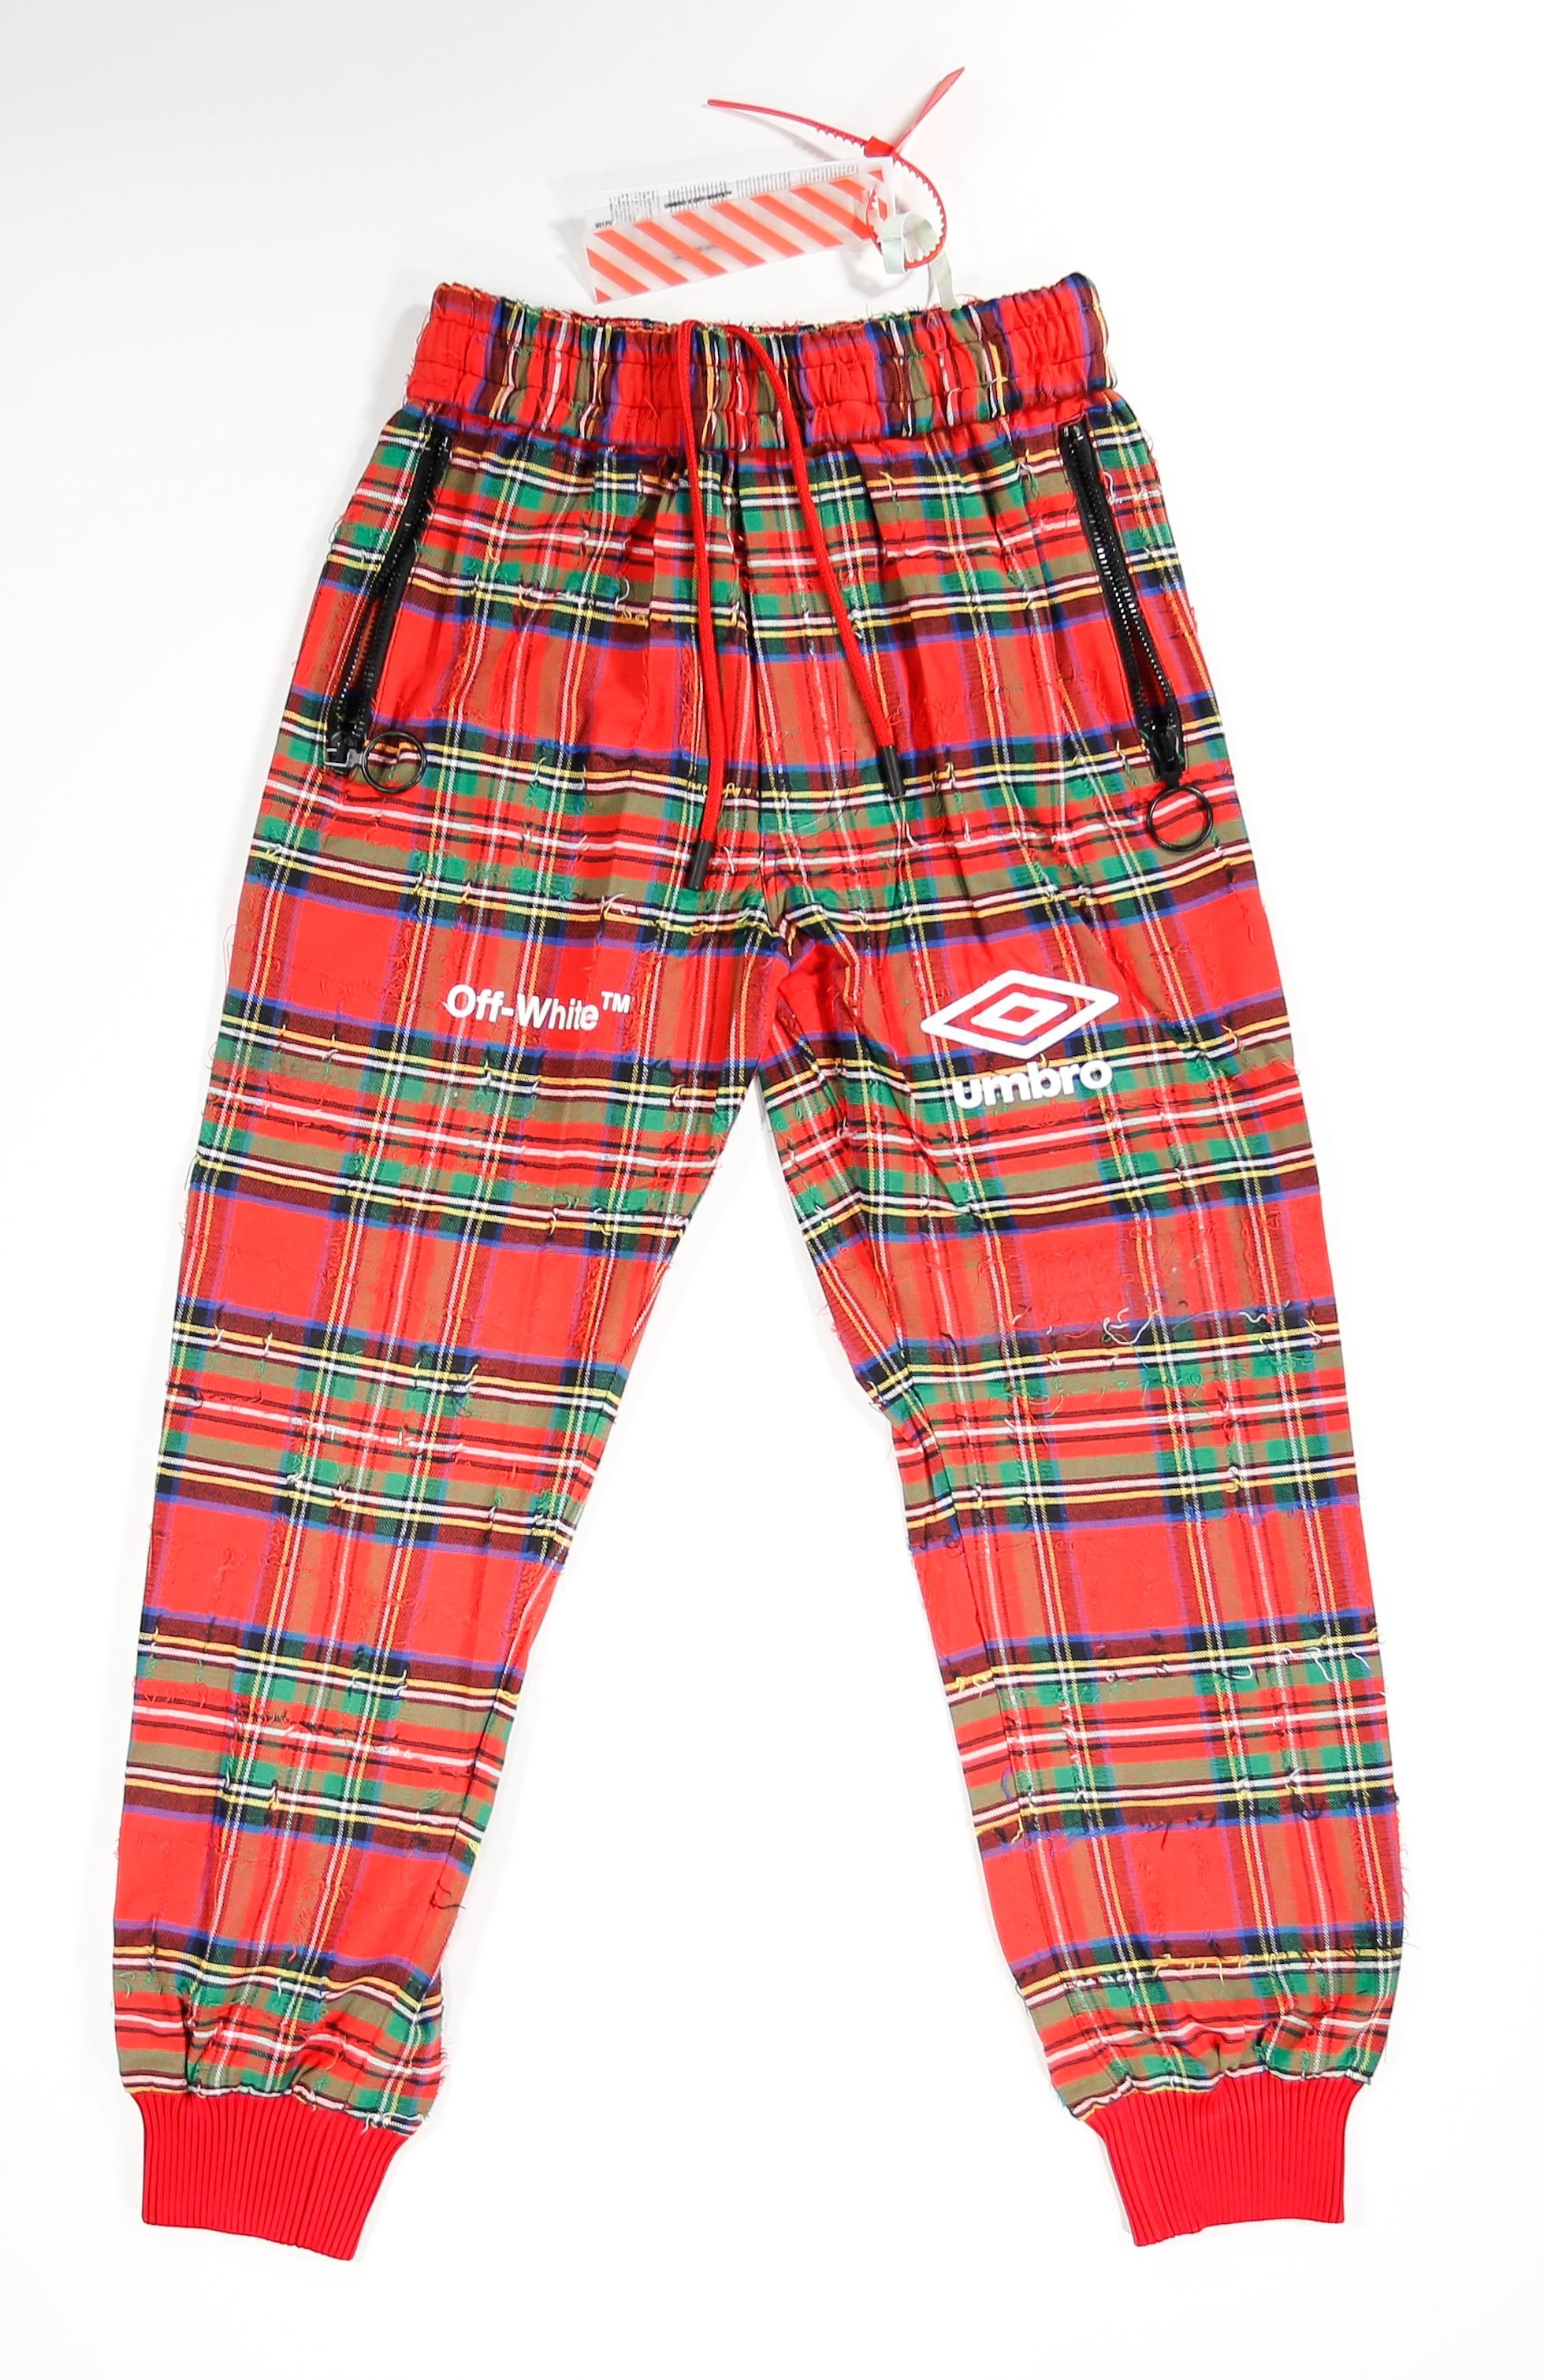 umbro plaid shorts